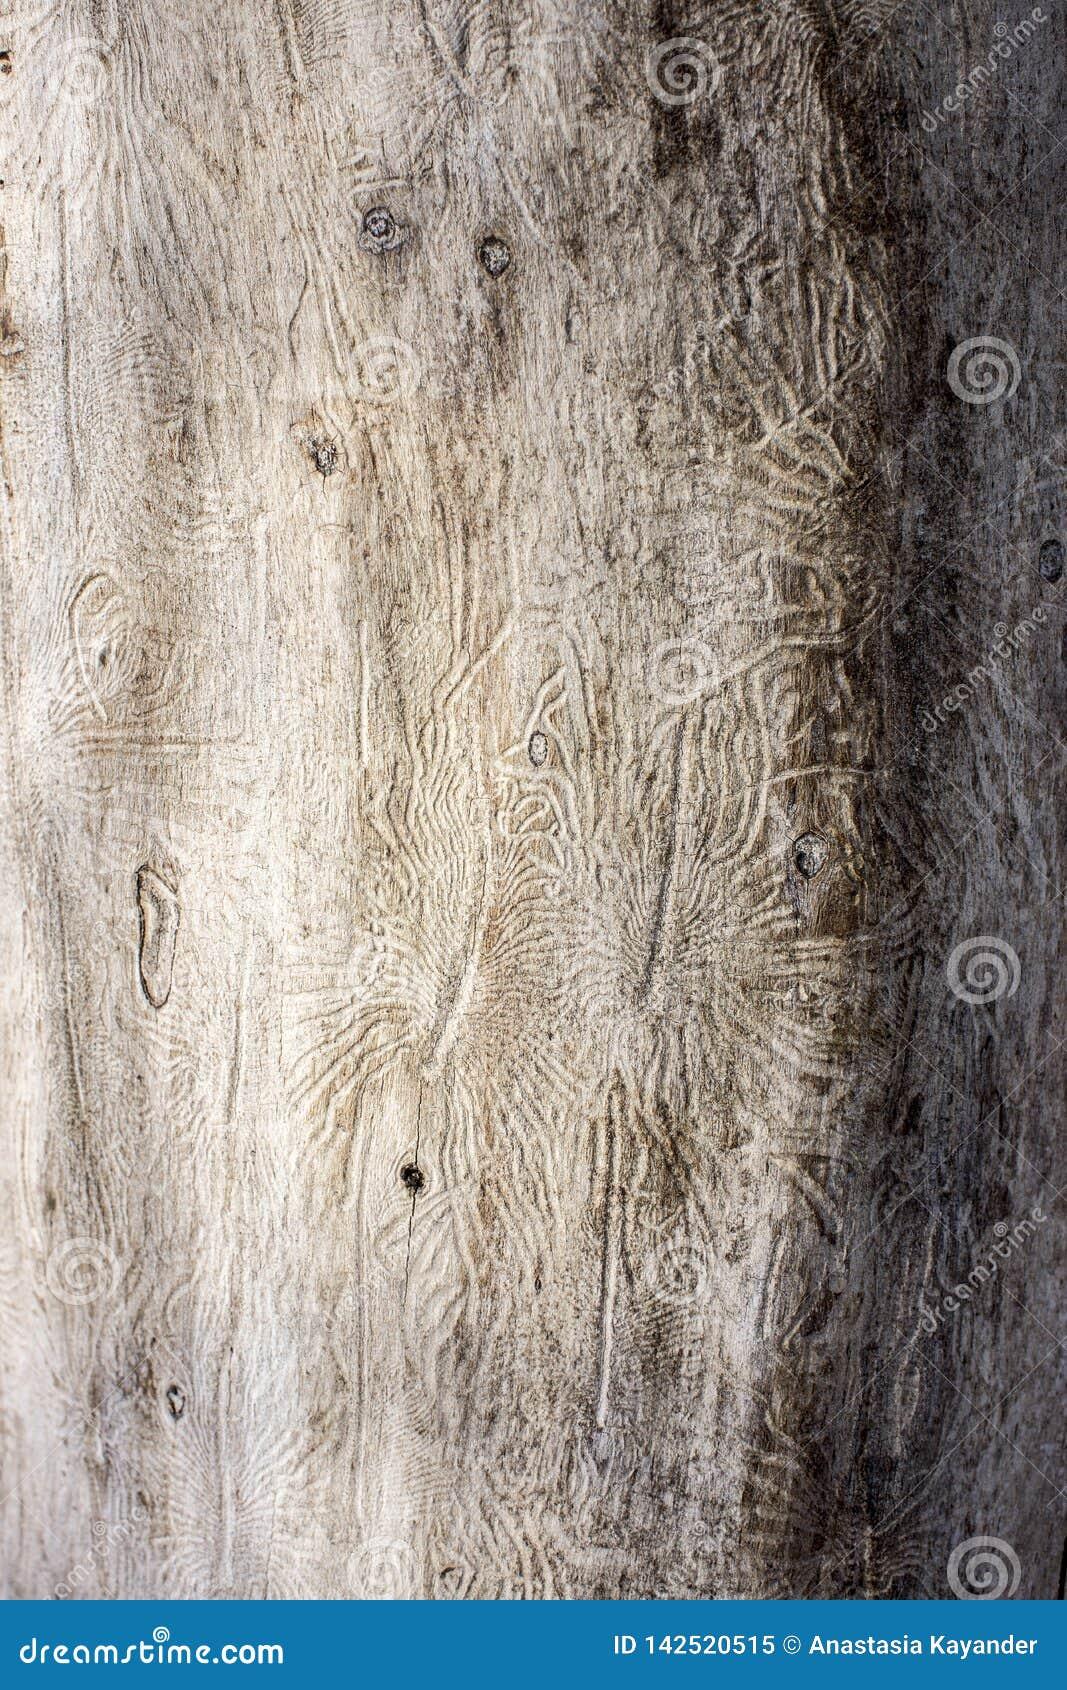 Ο ευρωπαϊκός κομψός κάνθαρος φλοιών Ίχνη ενός παρασίτου σε έναν φλοιό δέντρων